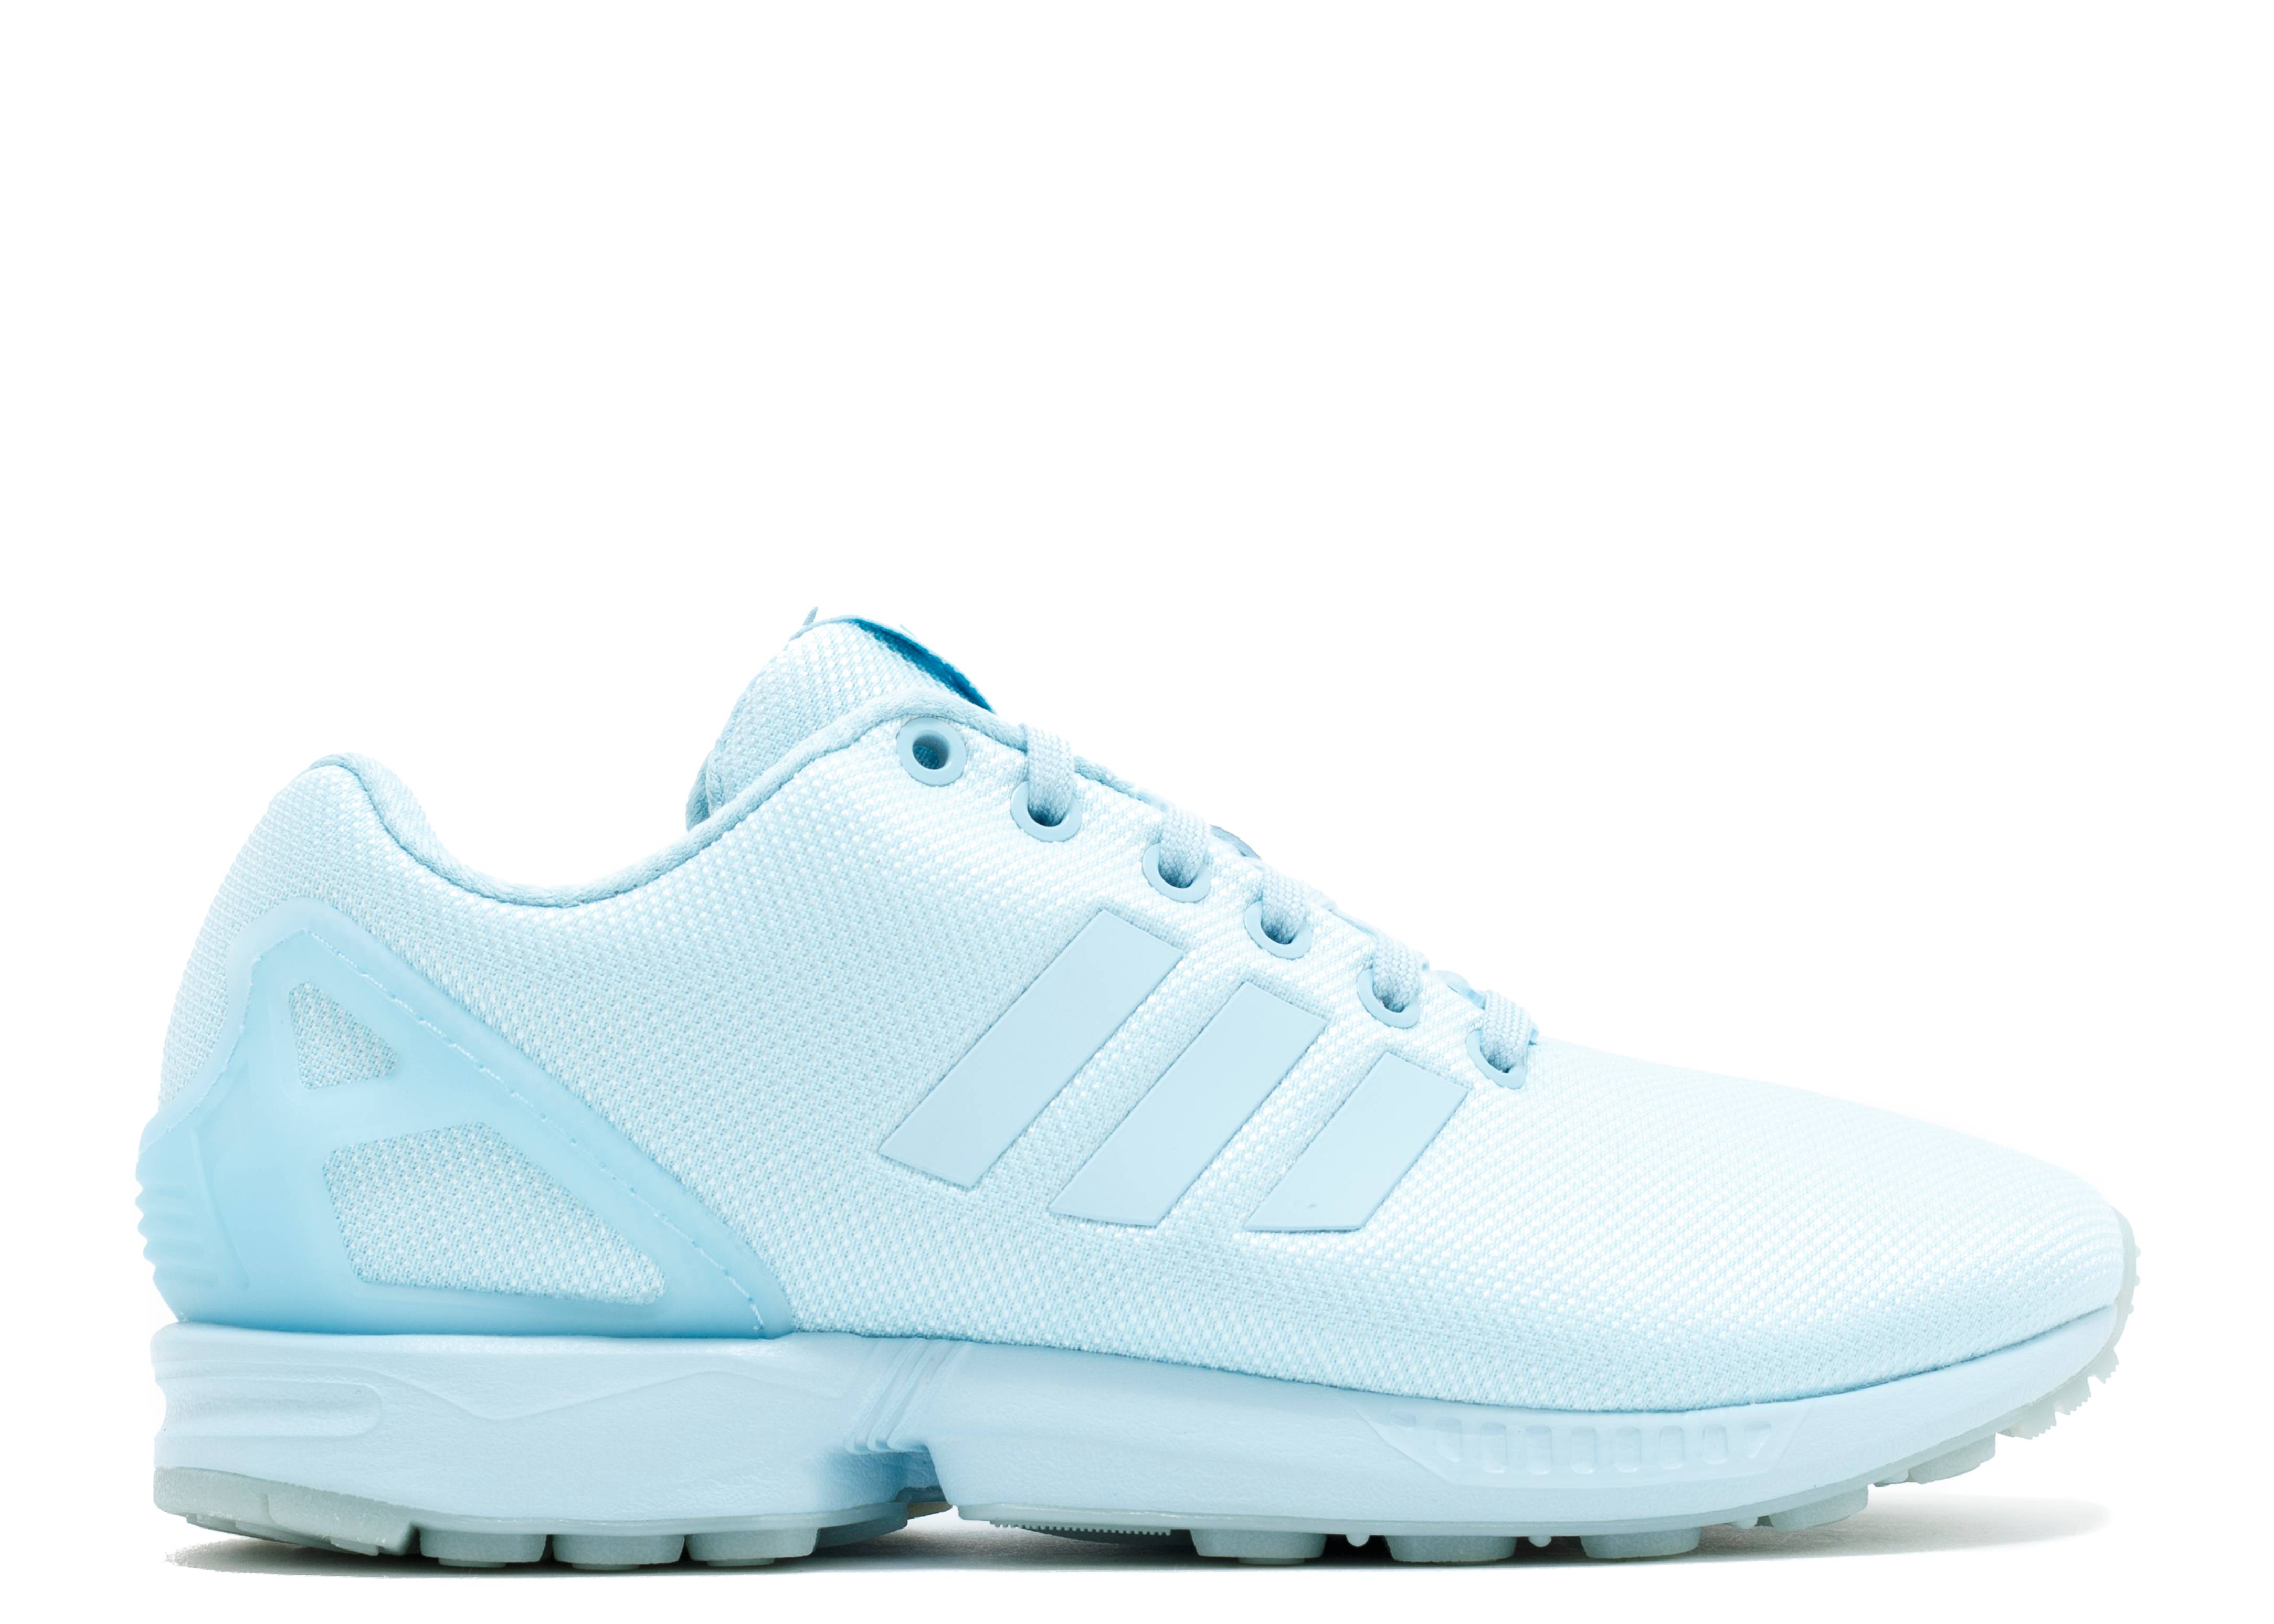 97a2fcdf0 Zx Flux - Adidas - aq3100 - blu blublu blublu